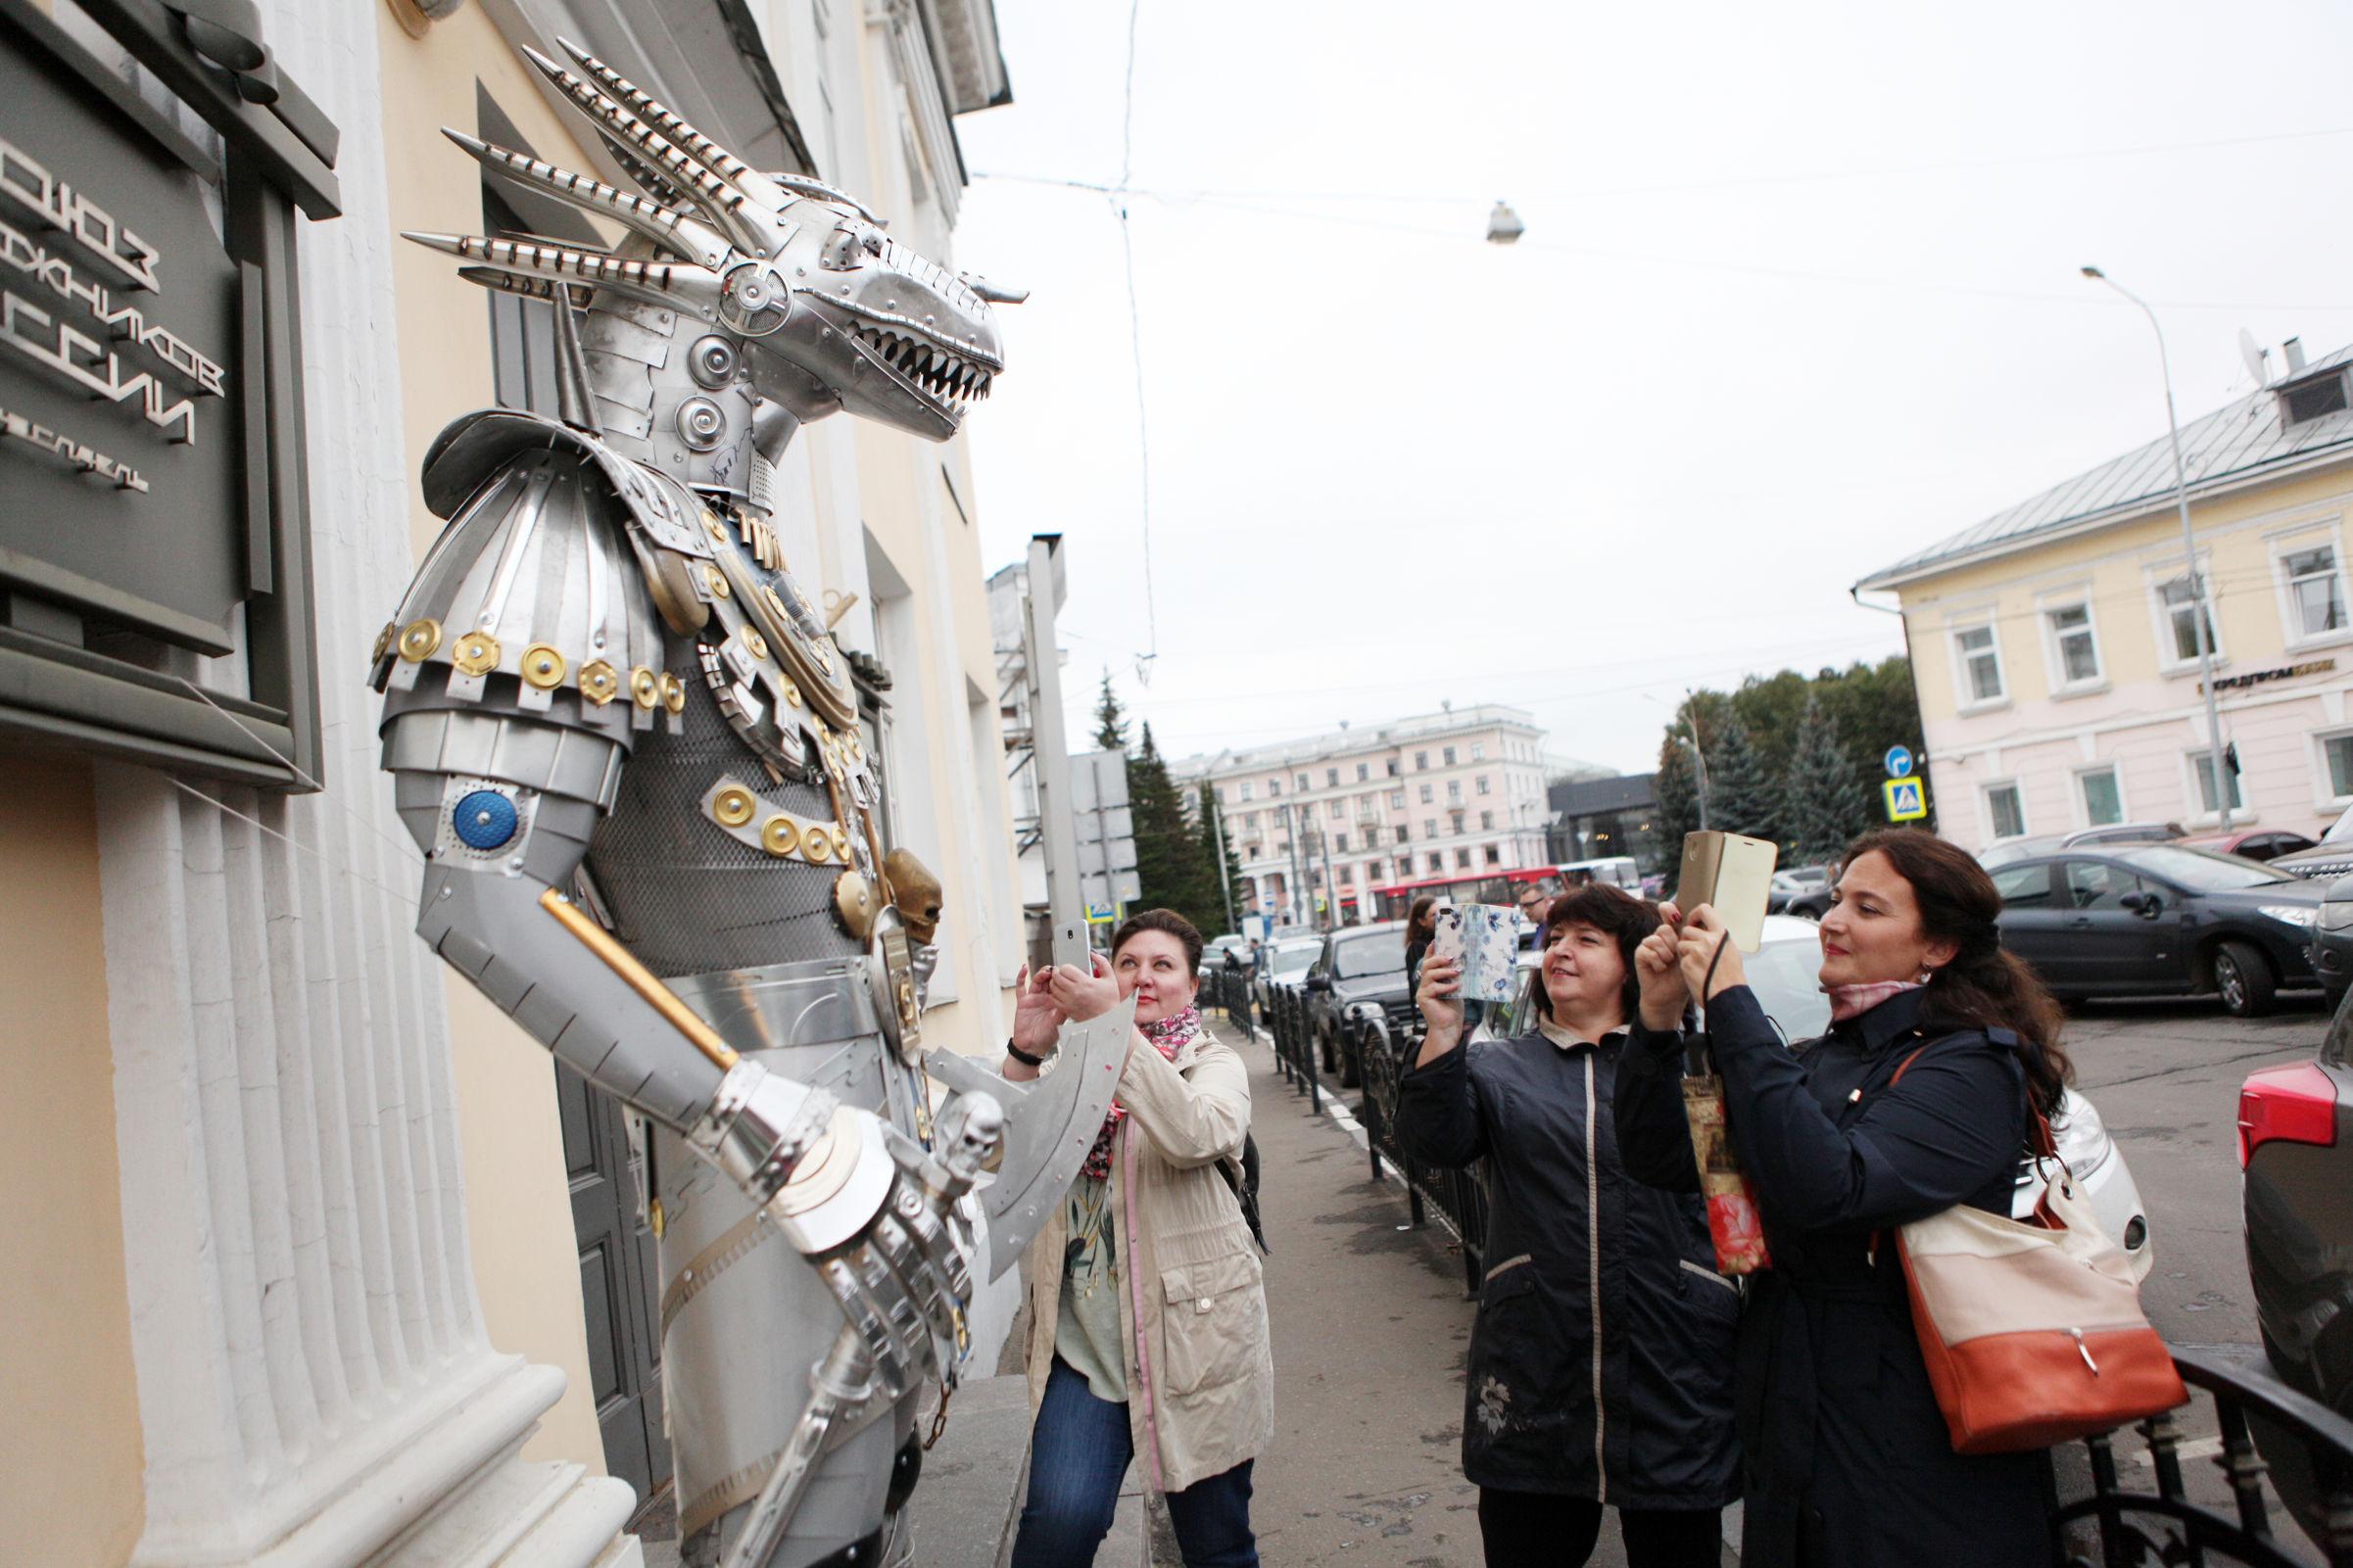 Путешествие в «Закулисье». Ярославцев удивил огромный рыцарь с головой волка – фото